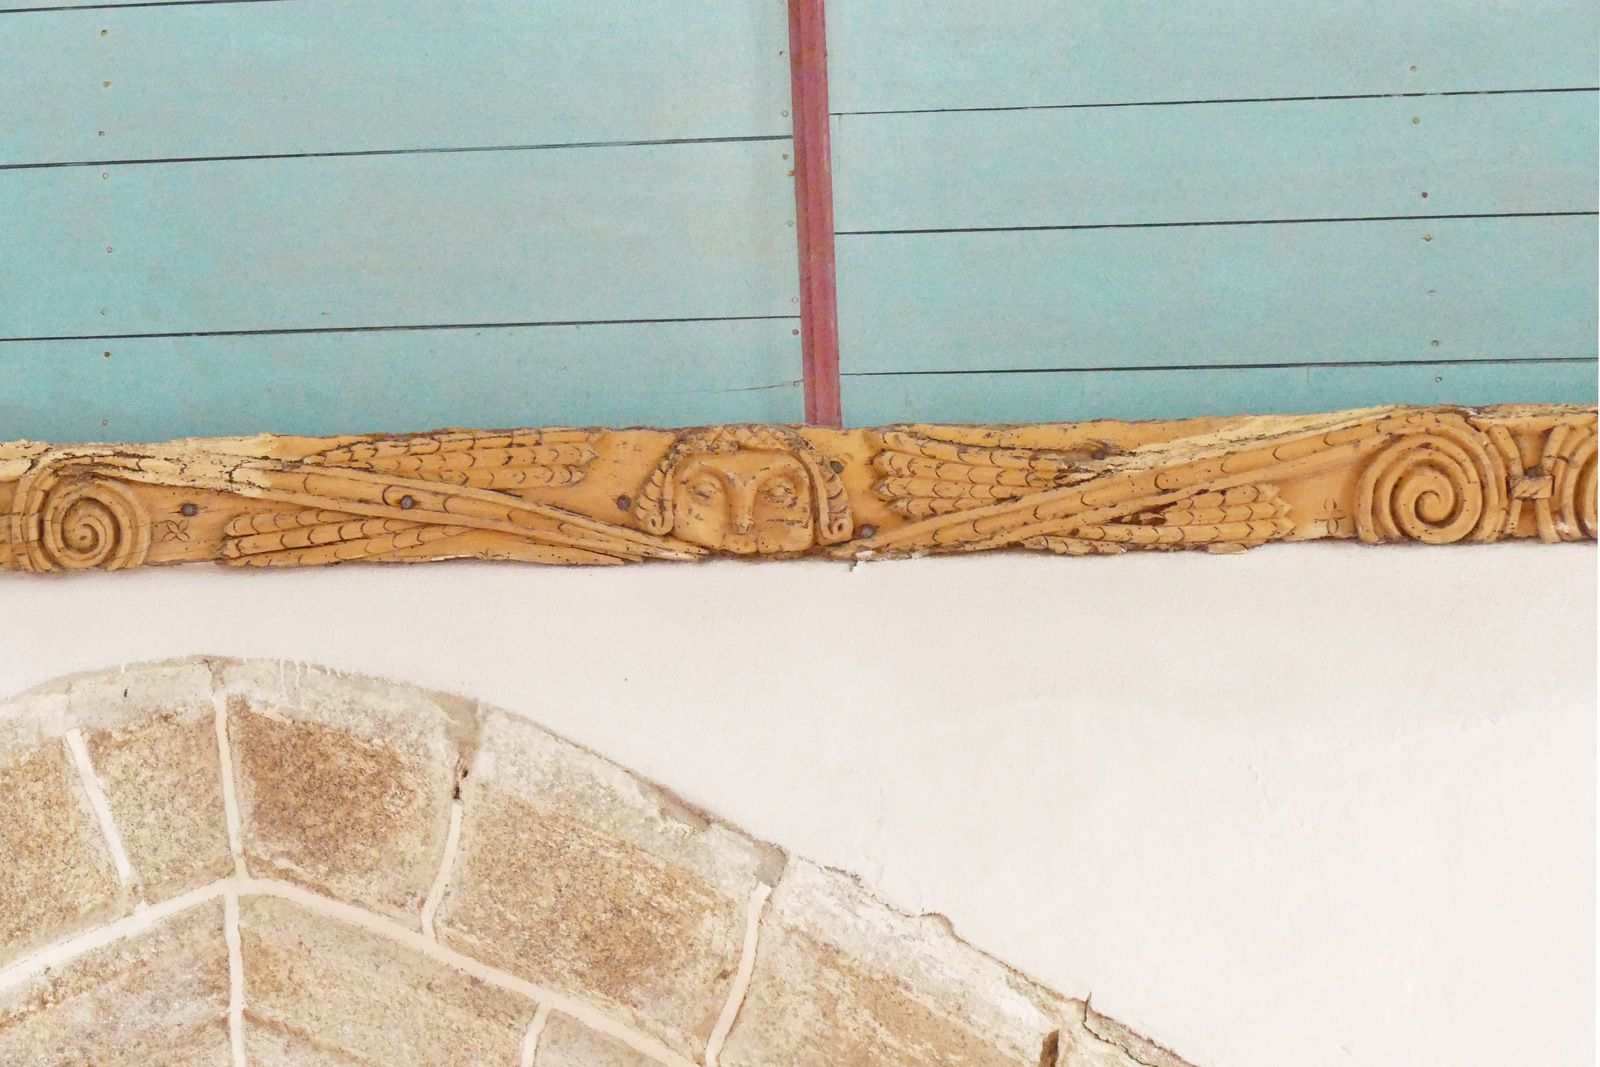 Les sablières et poutres sculptées(anonyme, fin XVIe-début XVIIe) de l'église de Guimiliau. Photographie lavieb-aile 2016-2021.